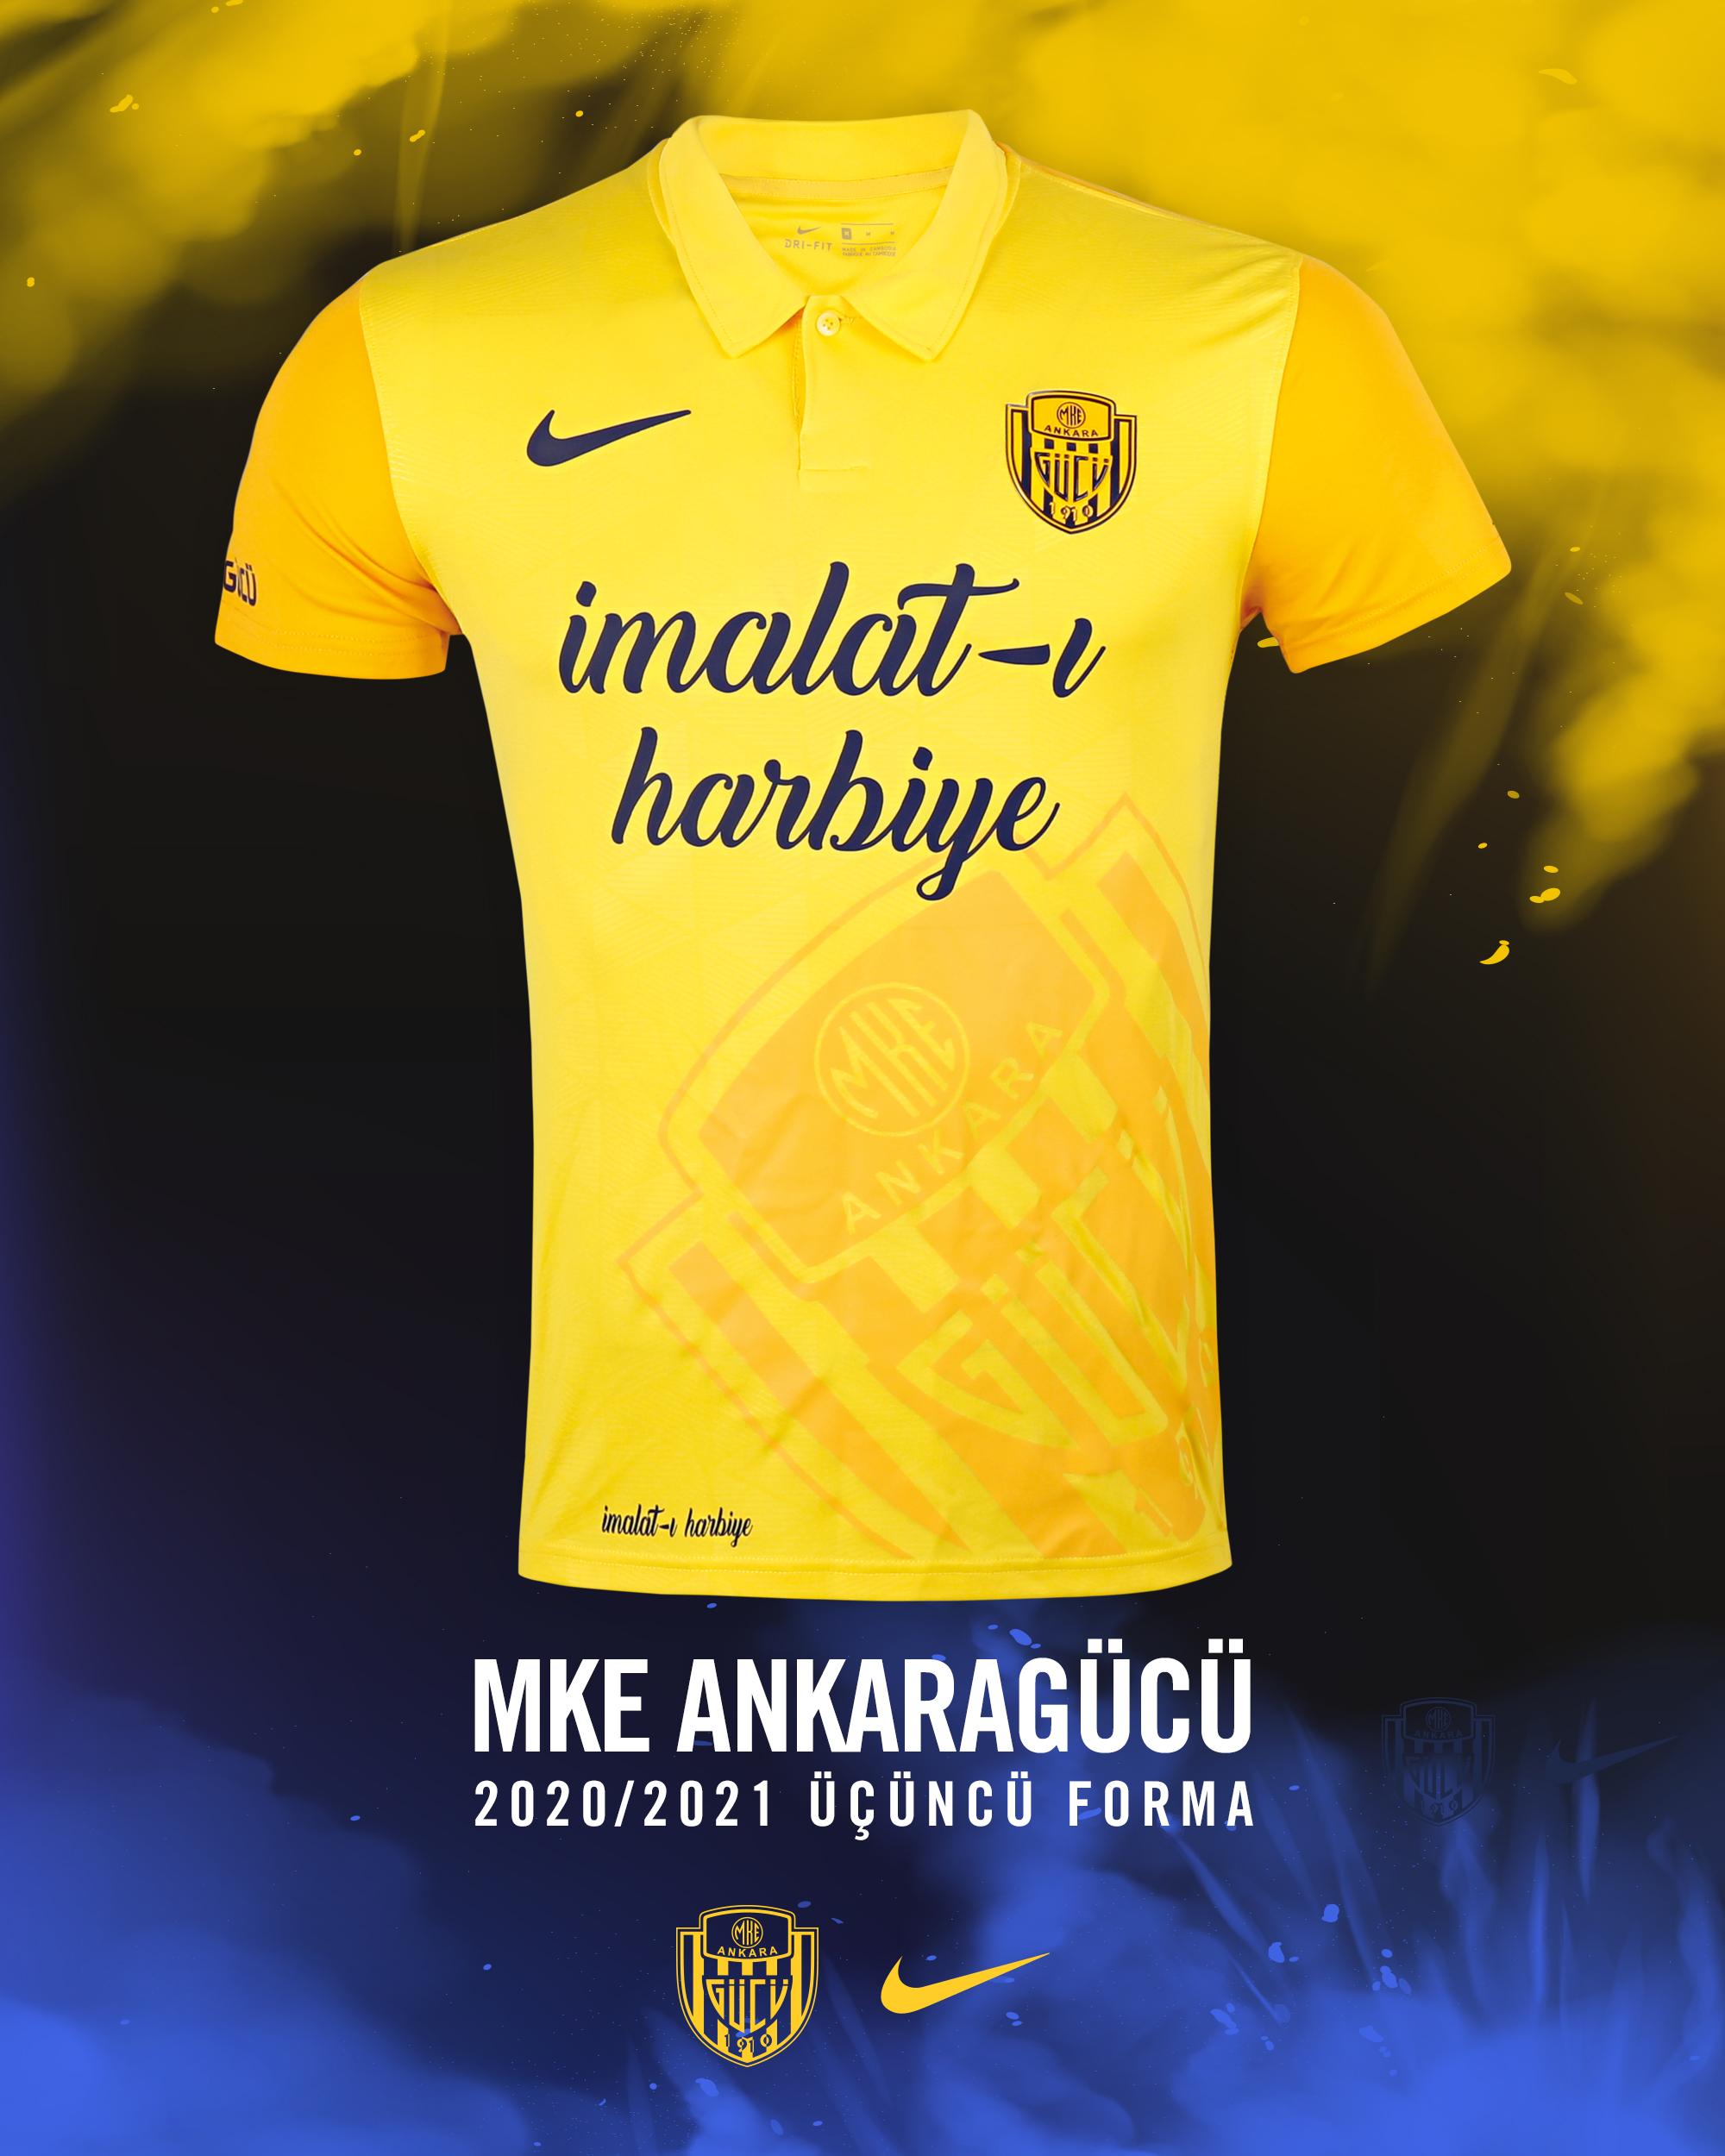 Ankarag U00fcc U00fc Yeni Sezon Formalar U0131 Sat U0131 U015fa Sunuldu Ankarag U00fcc U00fc